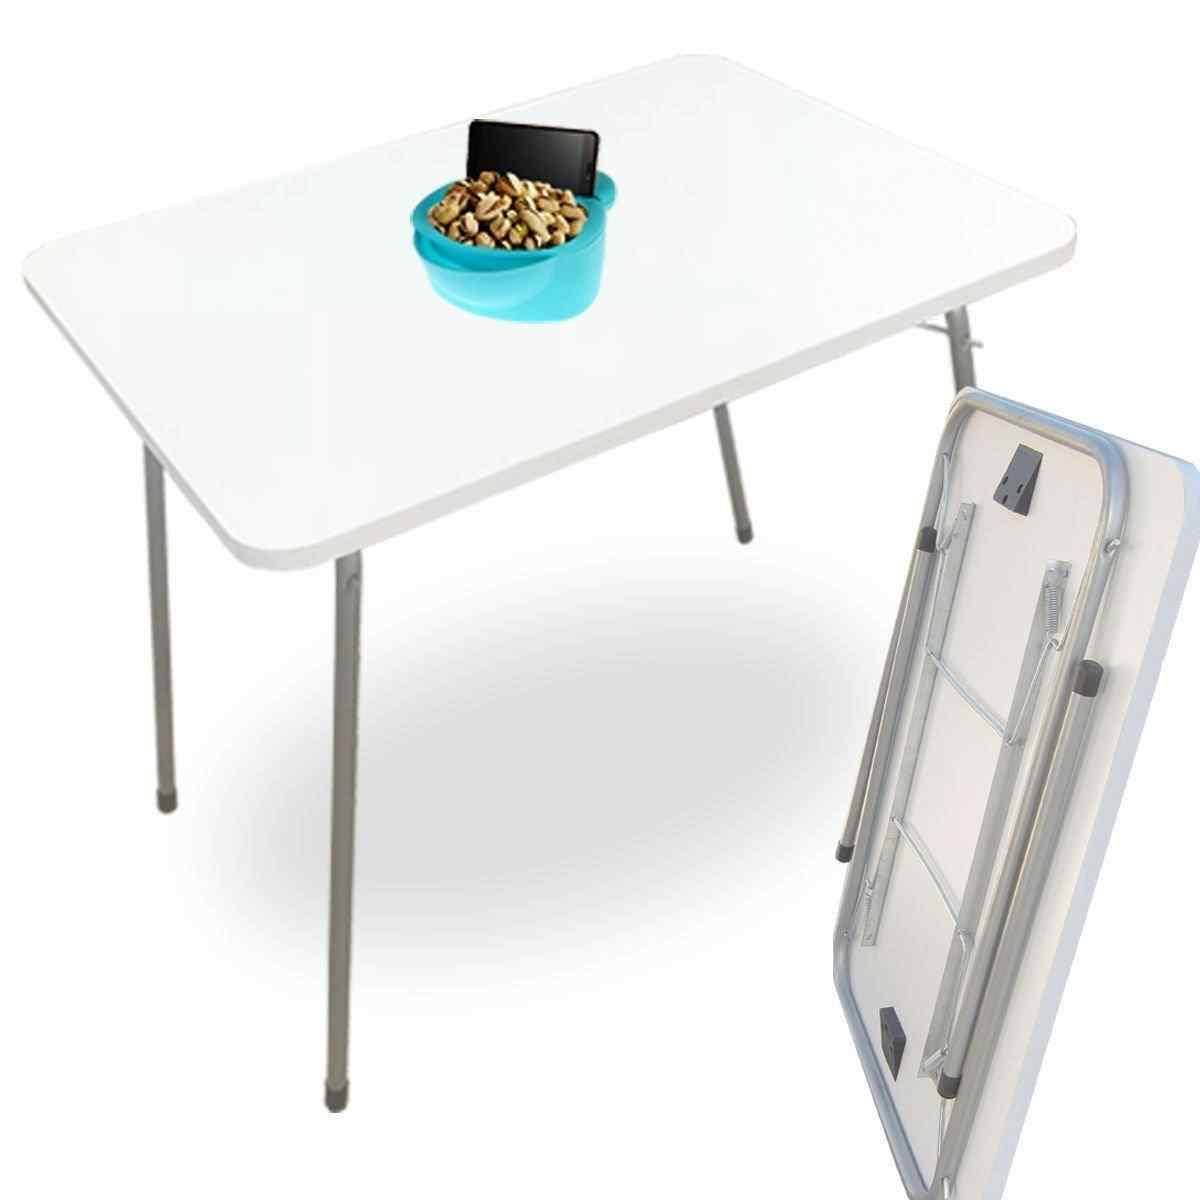 Yekta Lena Katlanır Bahçe Piknik Masası Ahşap Kamp Masası 80X60